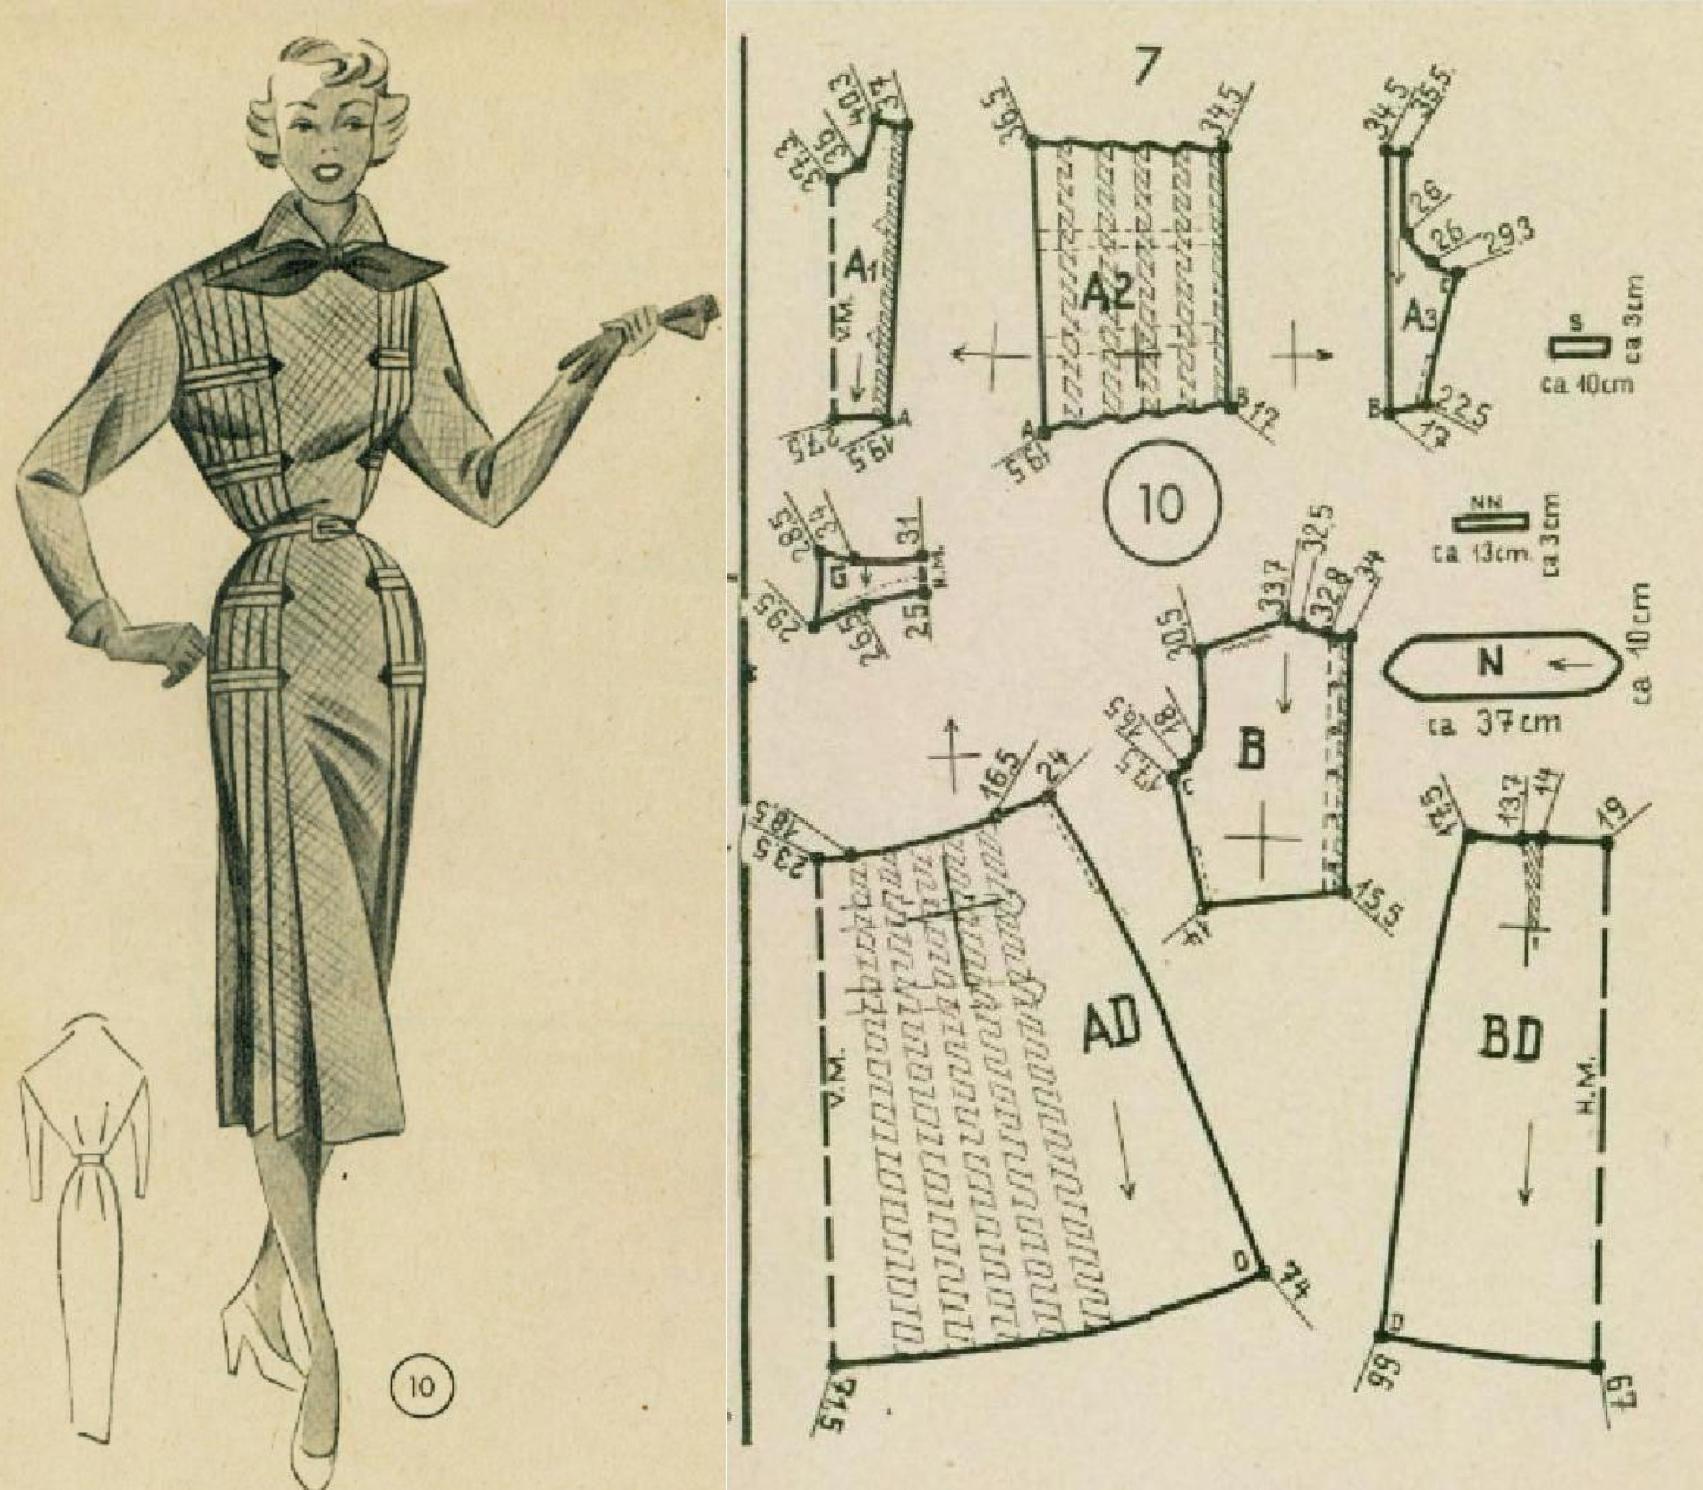 Increíble Modelo De Estrella Caminata De Costura Molde - Ideas de ...